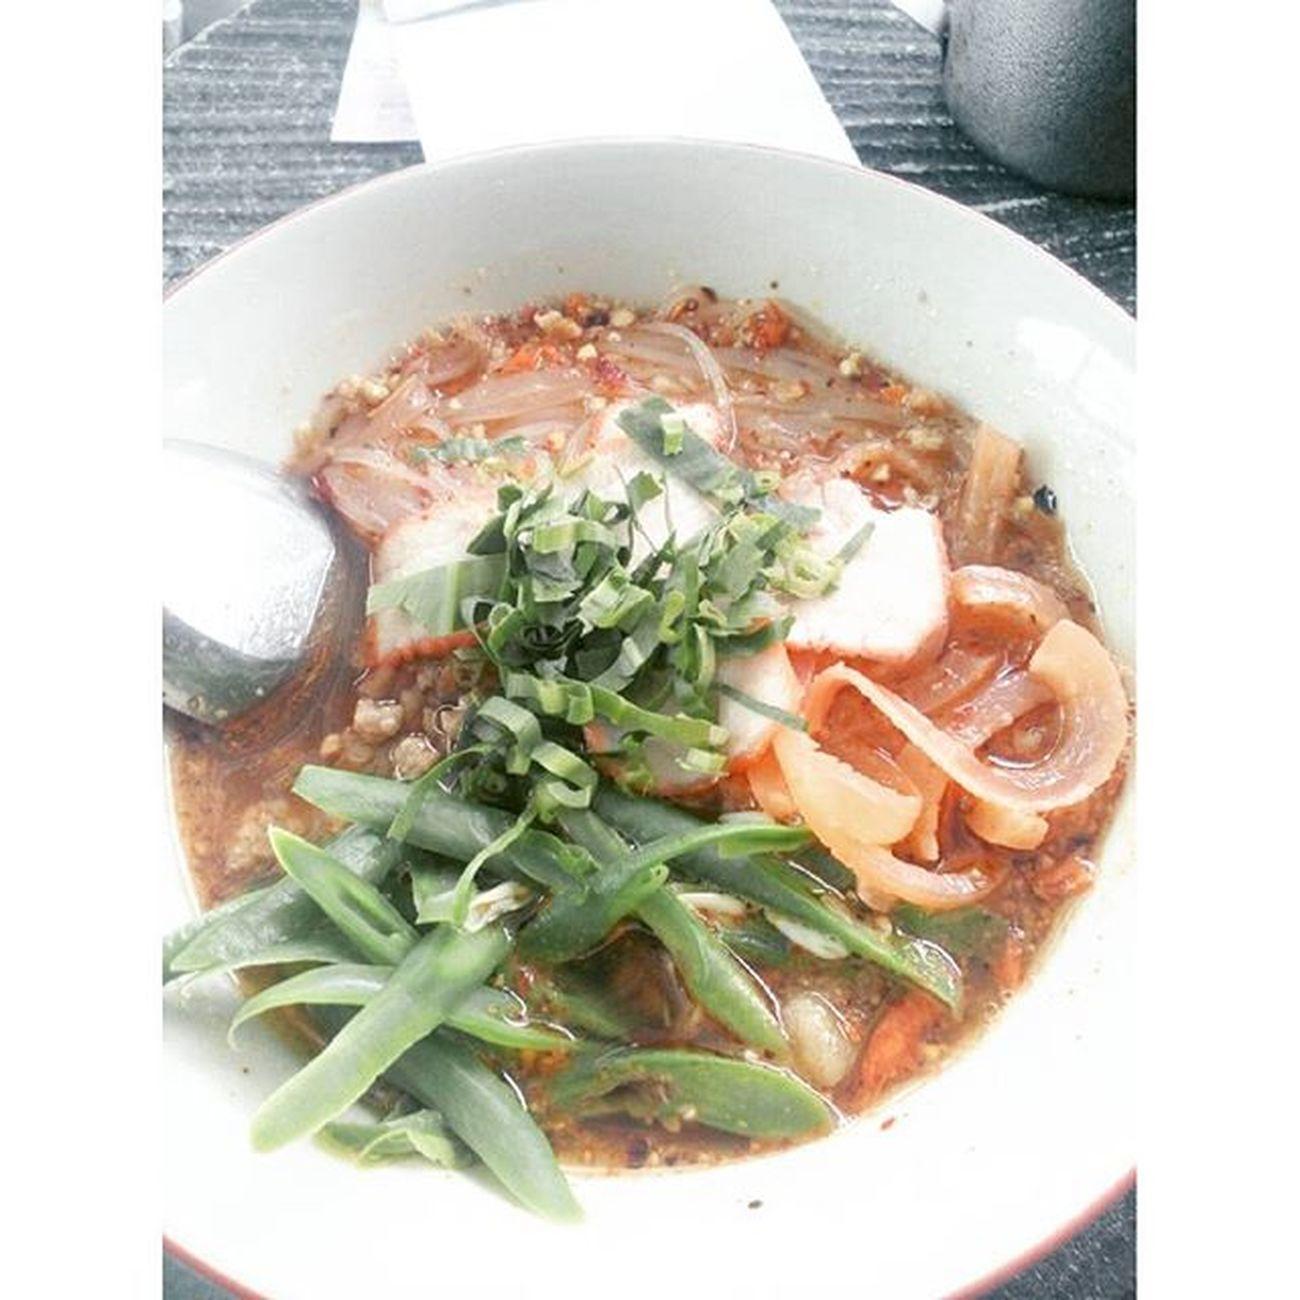 20 บาทจ้ะ 20 บาท รีวิวโคราช Reviewkorat Food Thailand